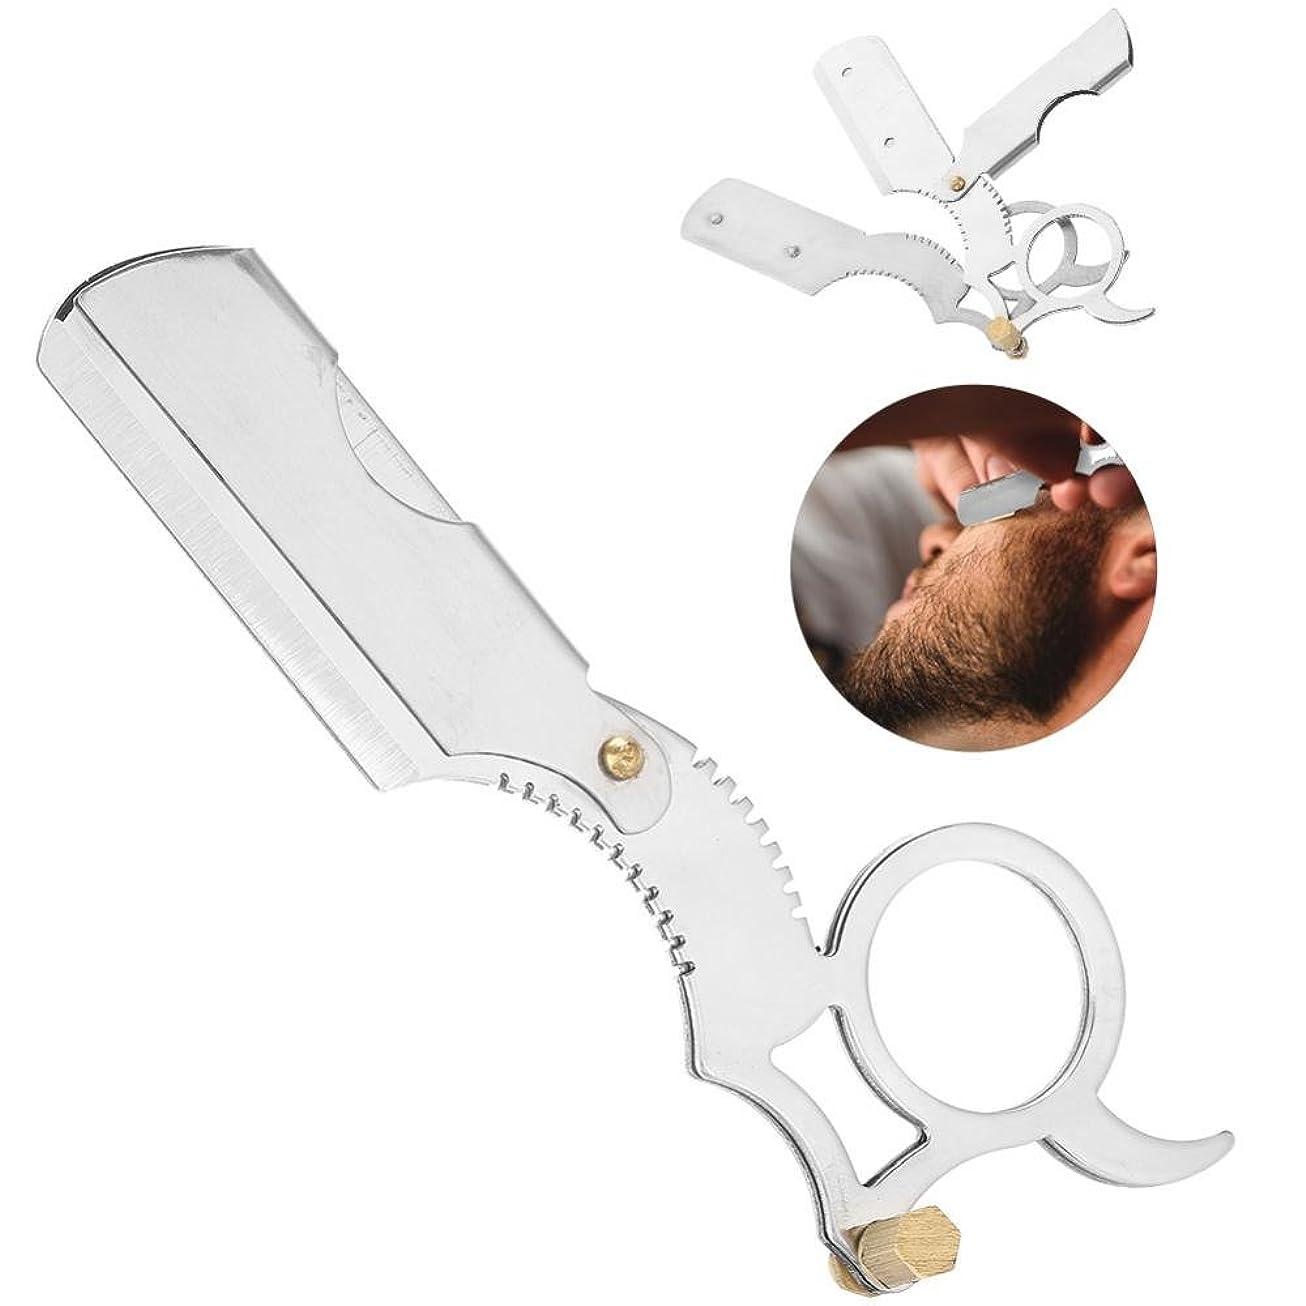 弱点シャンプーレジかみそり 男性 ステンレス鋼 安全剃刀 刃ヘッドシェーバー 折りたたみ 男性フェイスケア クレンジングシェービングツール(1)